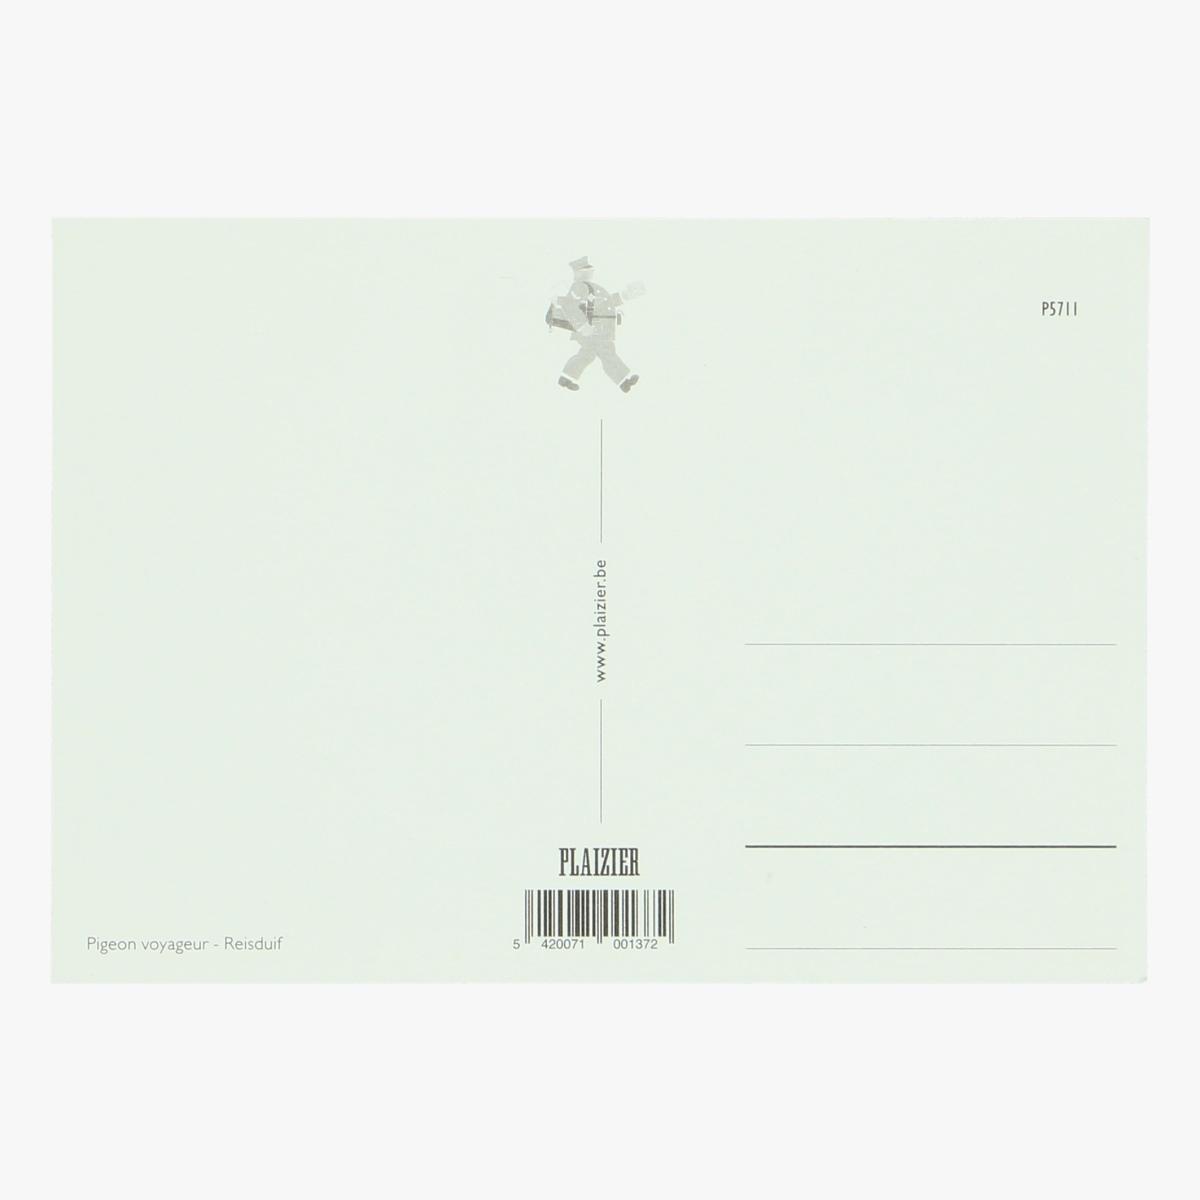 Afbeeldingen van postkaart reisduif